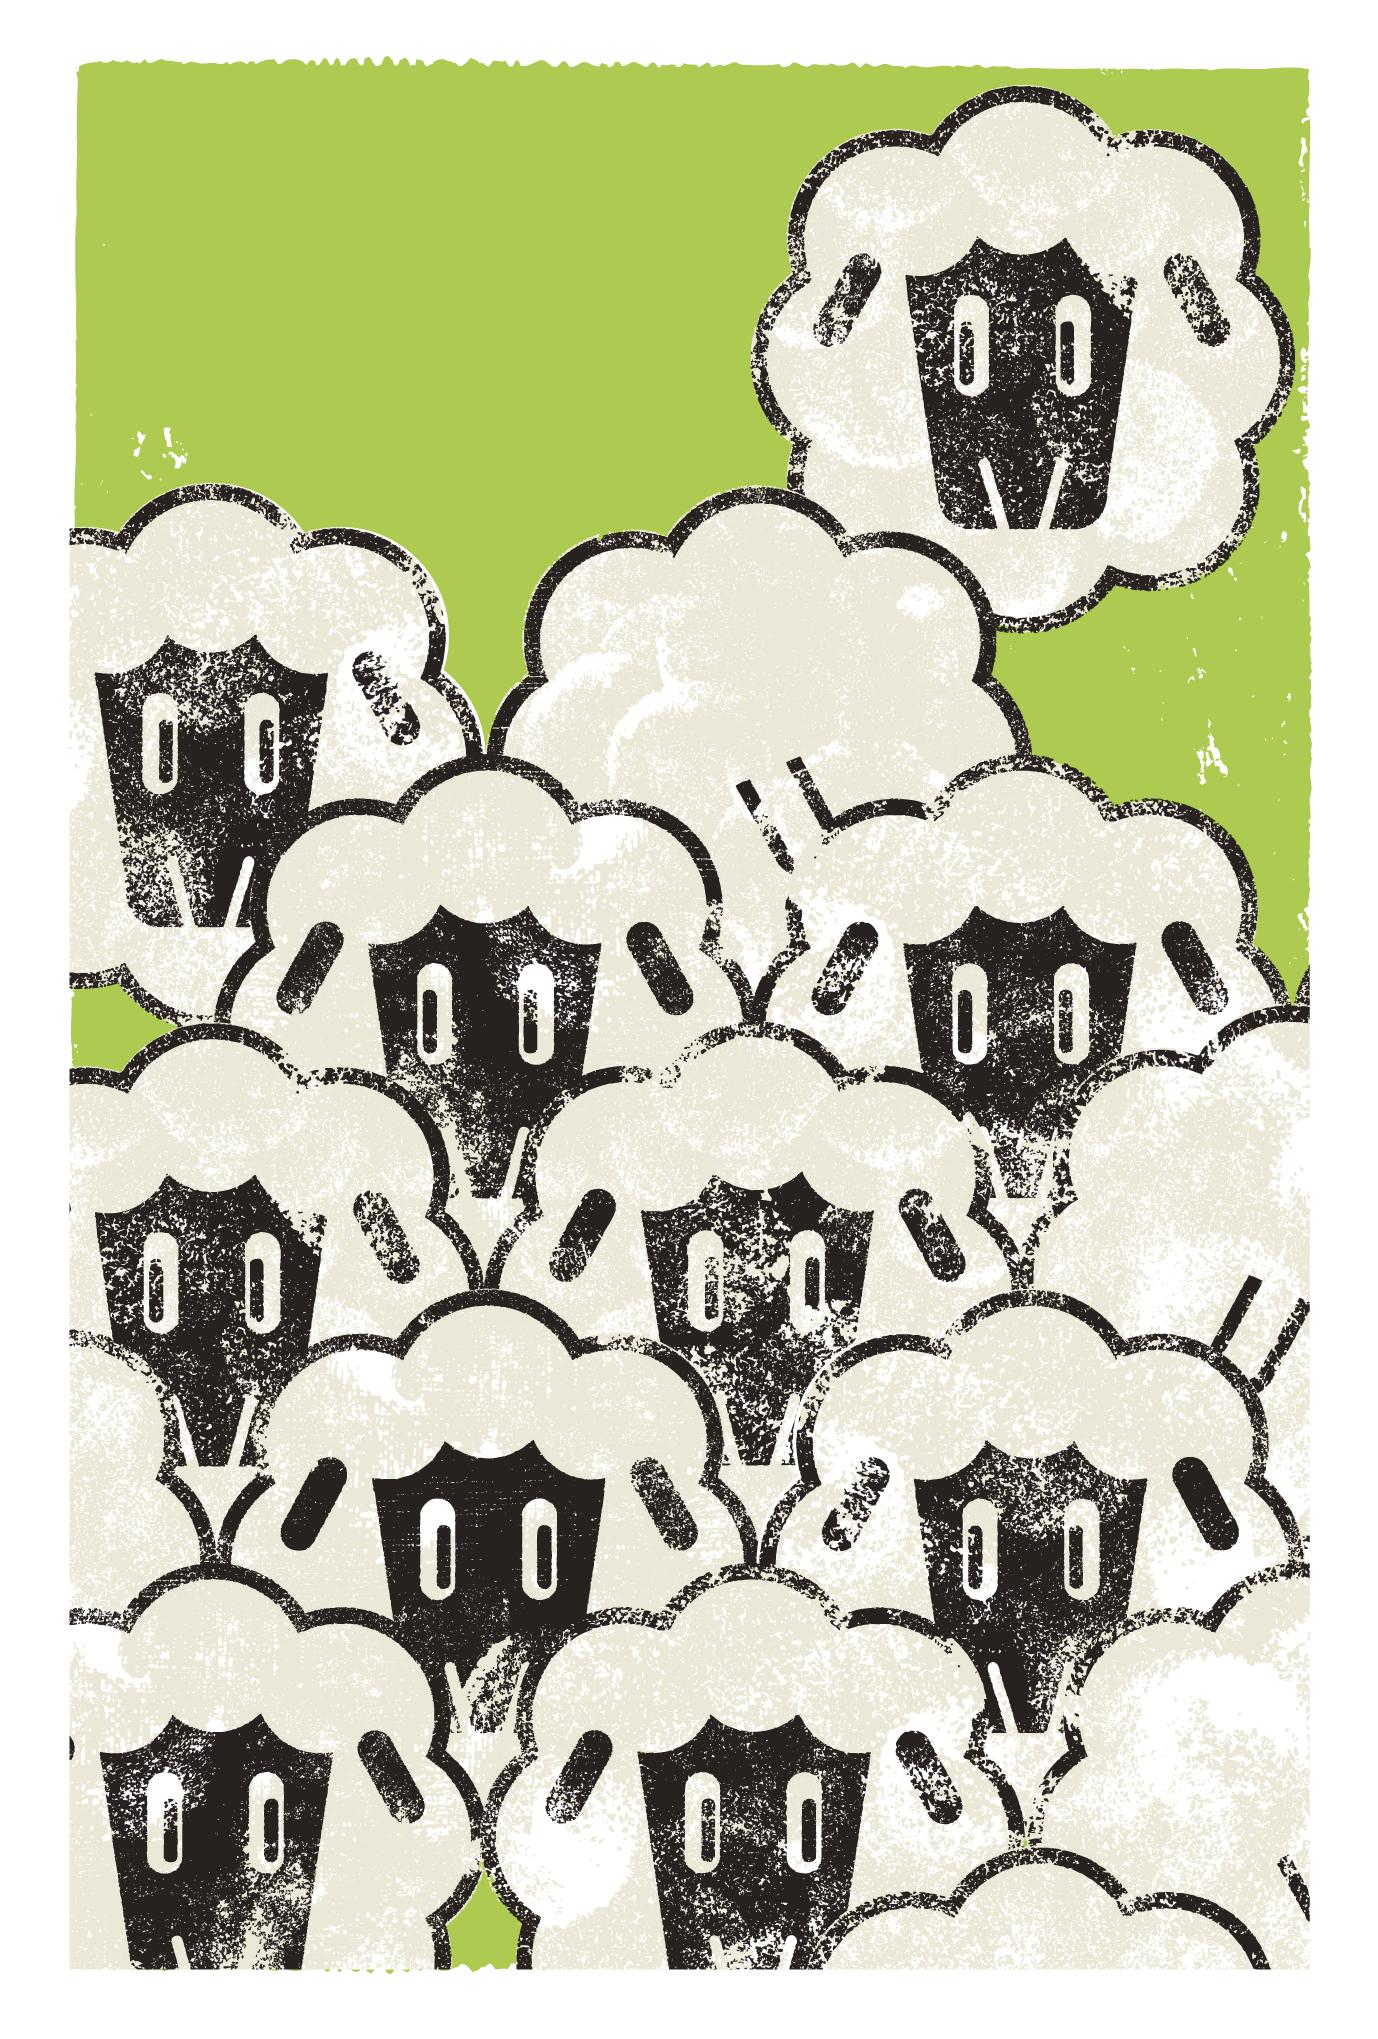 2015年賀状14-1:Sheep! Sheep! Sheep!のダウンロード画像